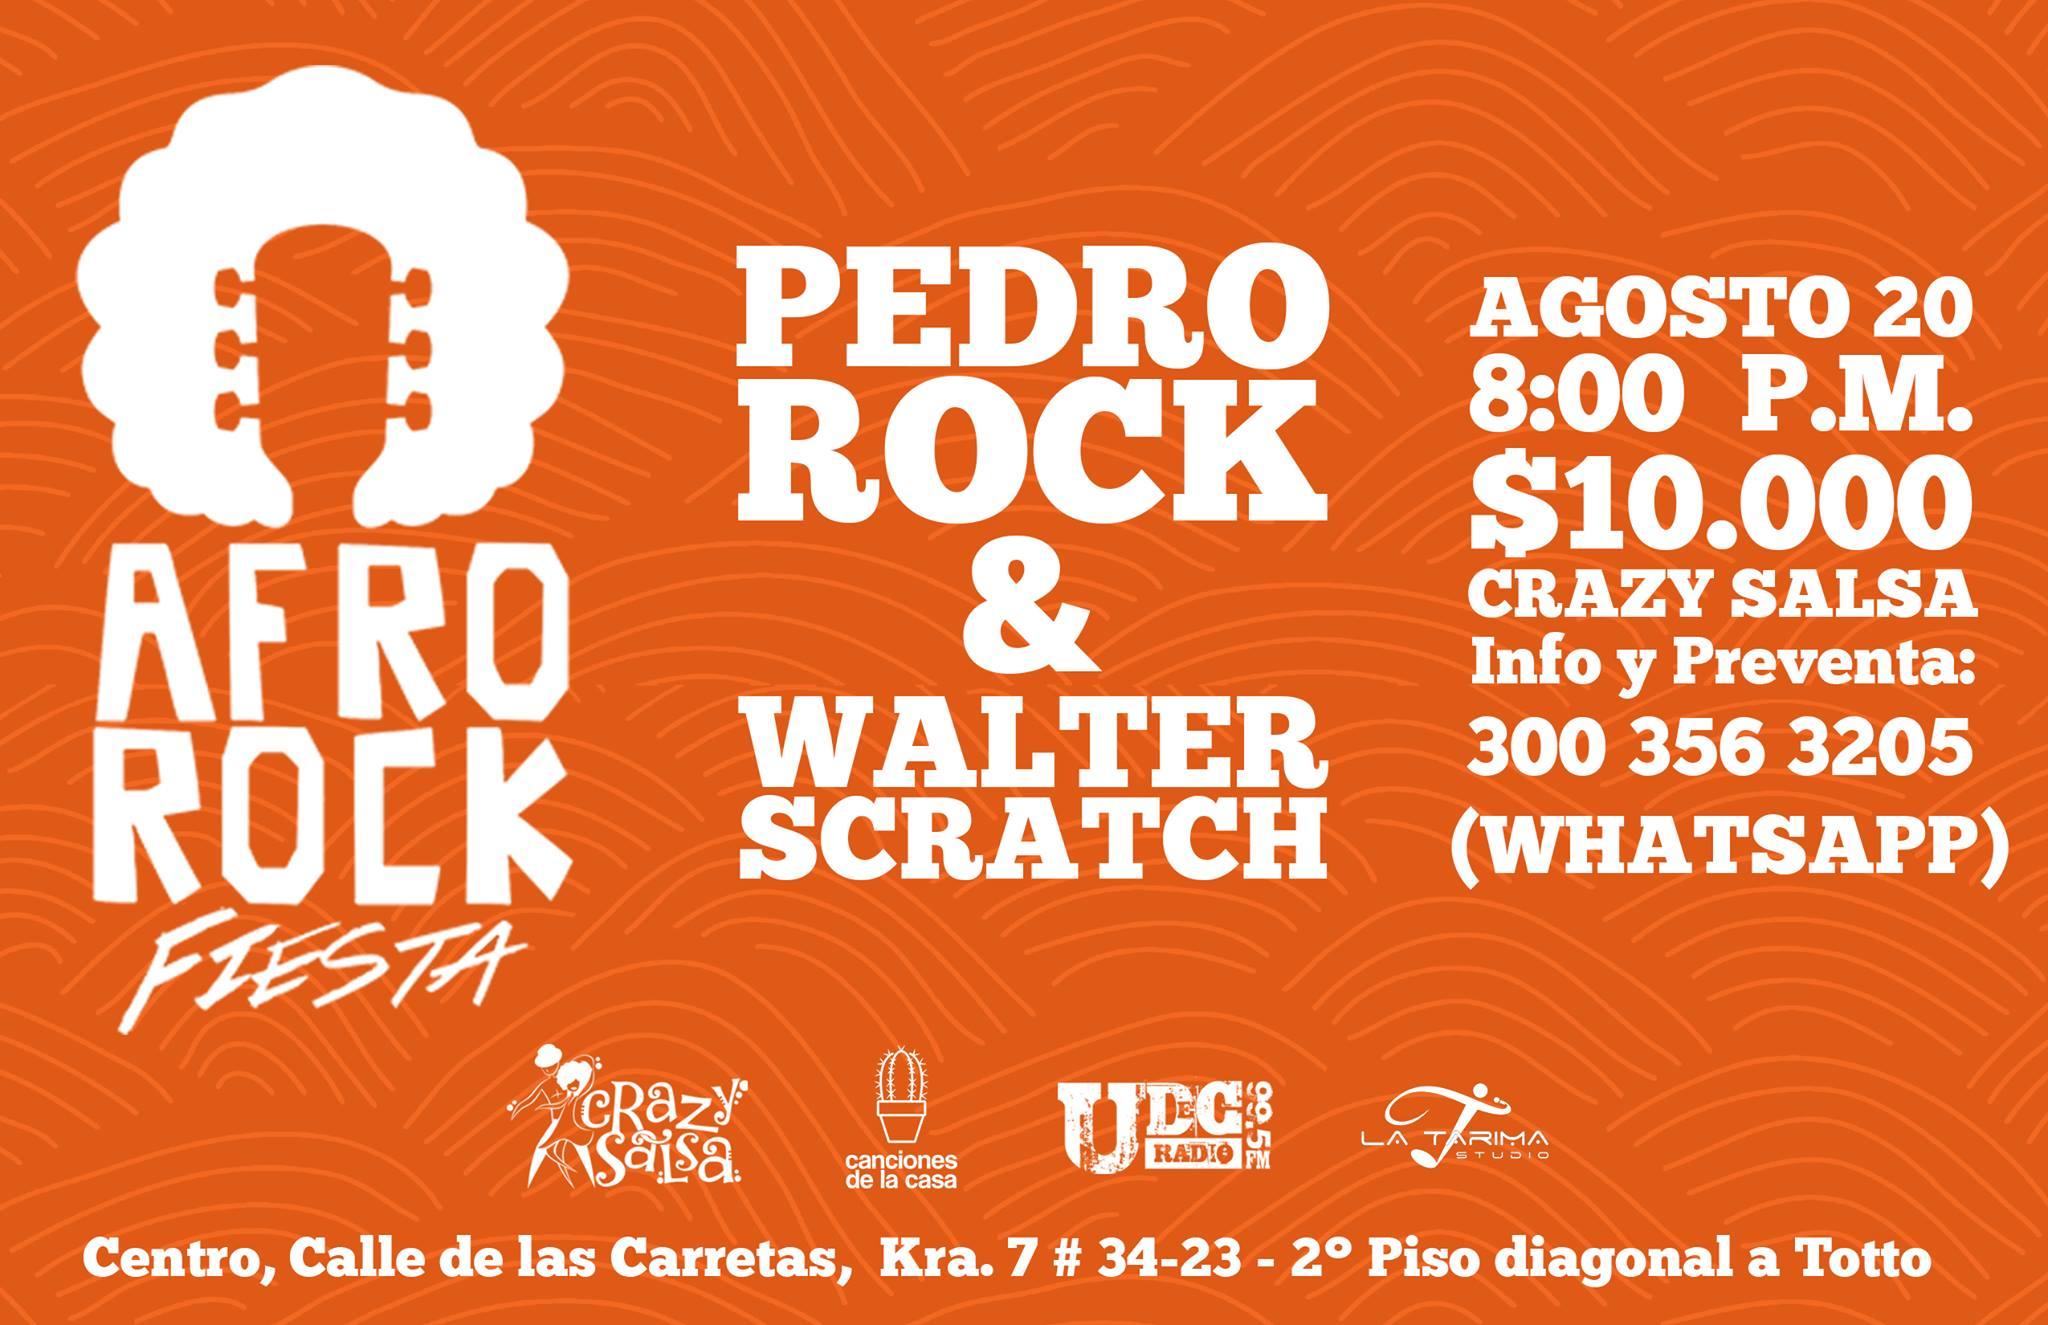 Afro Rock Fiesta